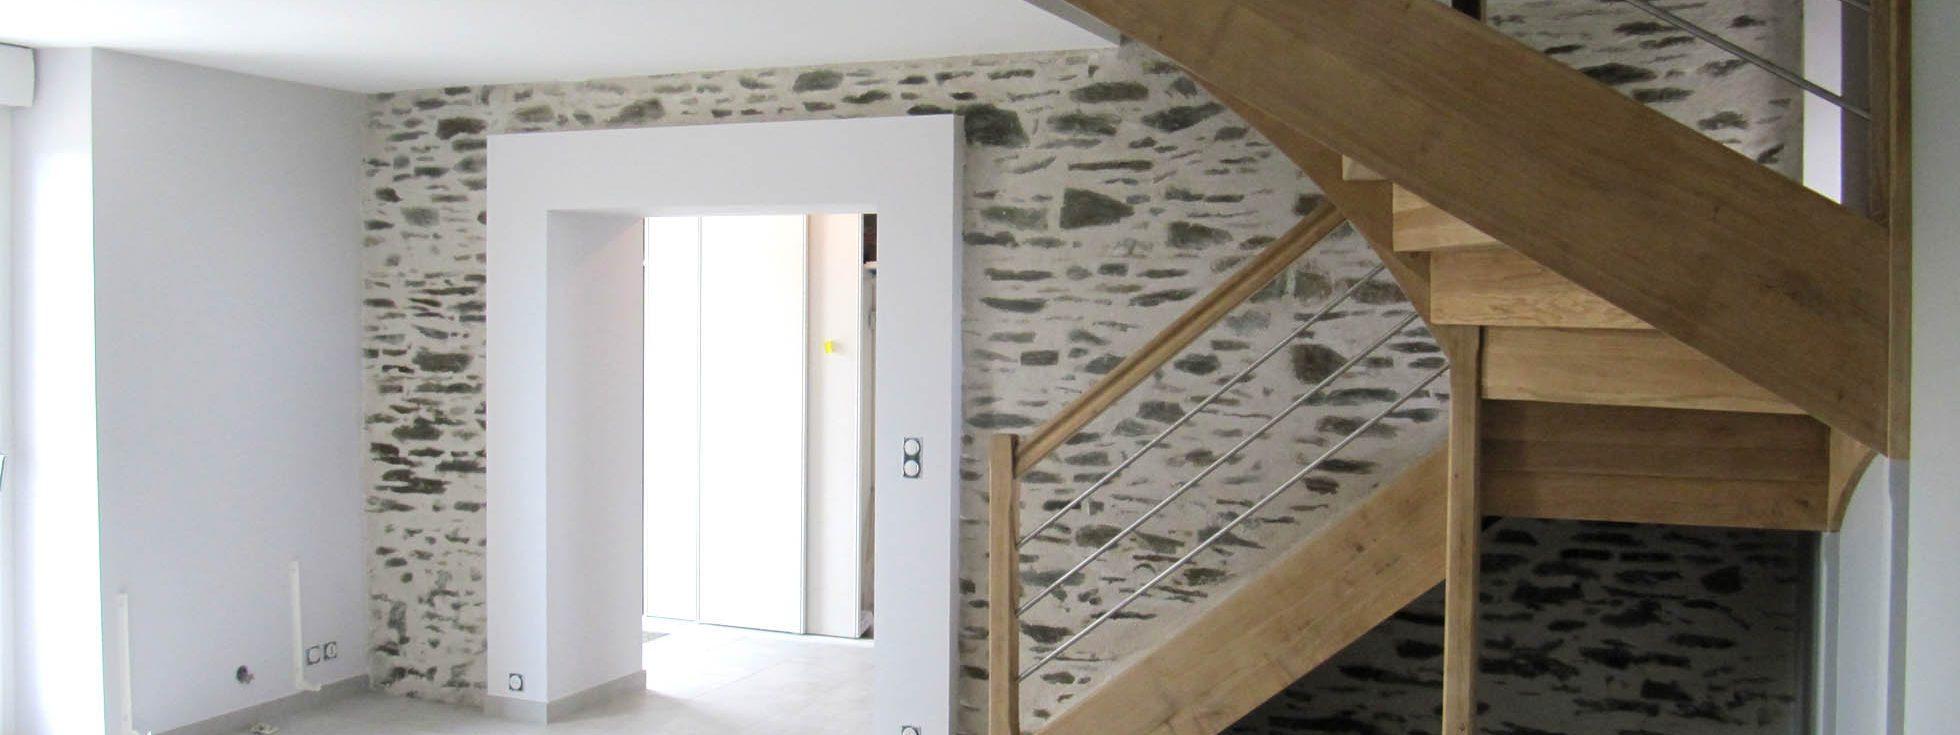 plafond en plaque de platre